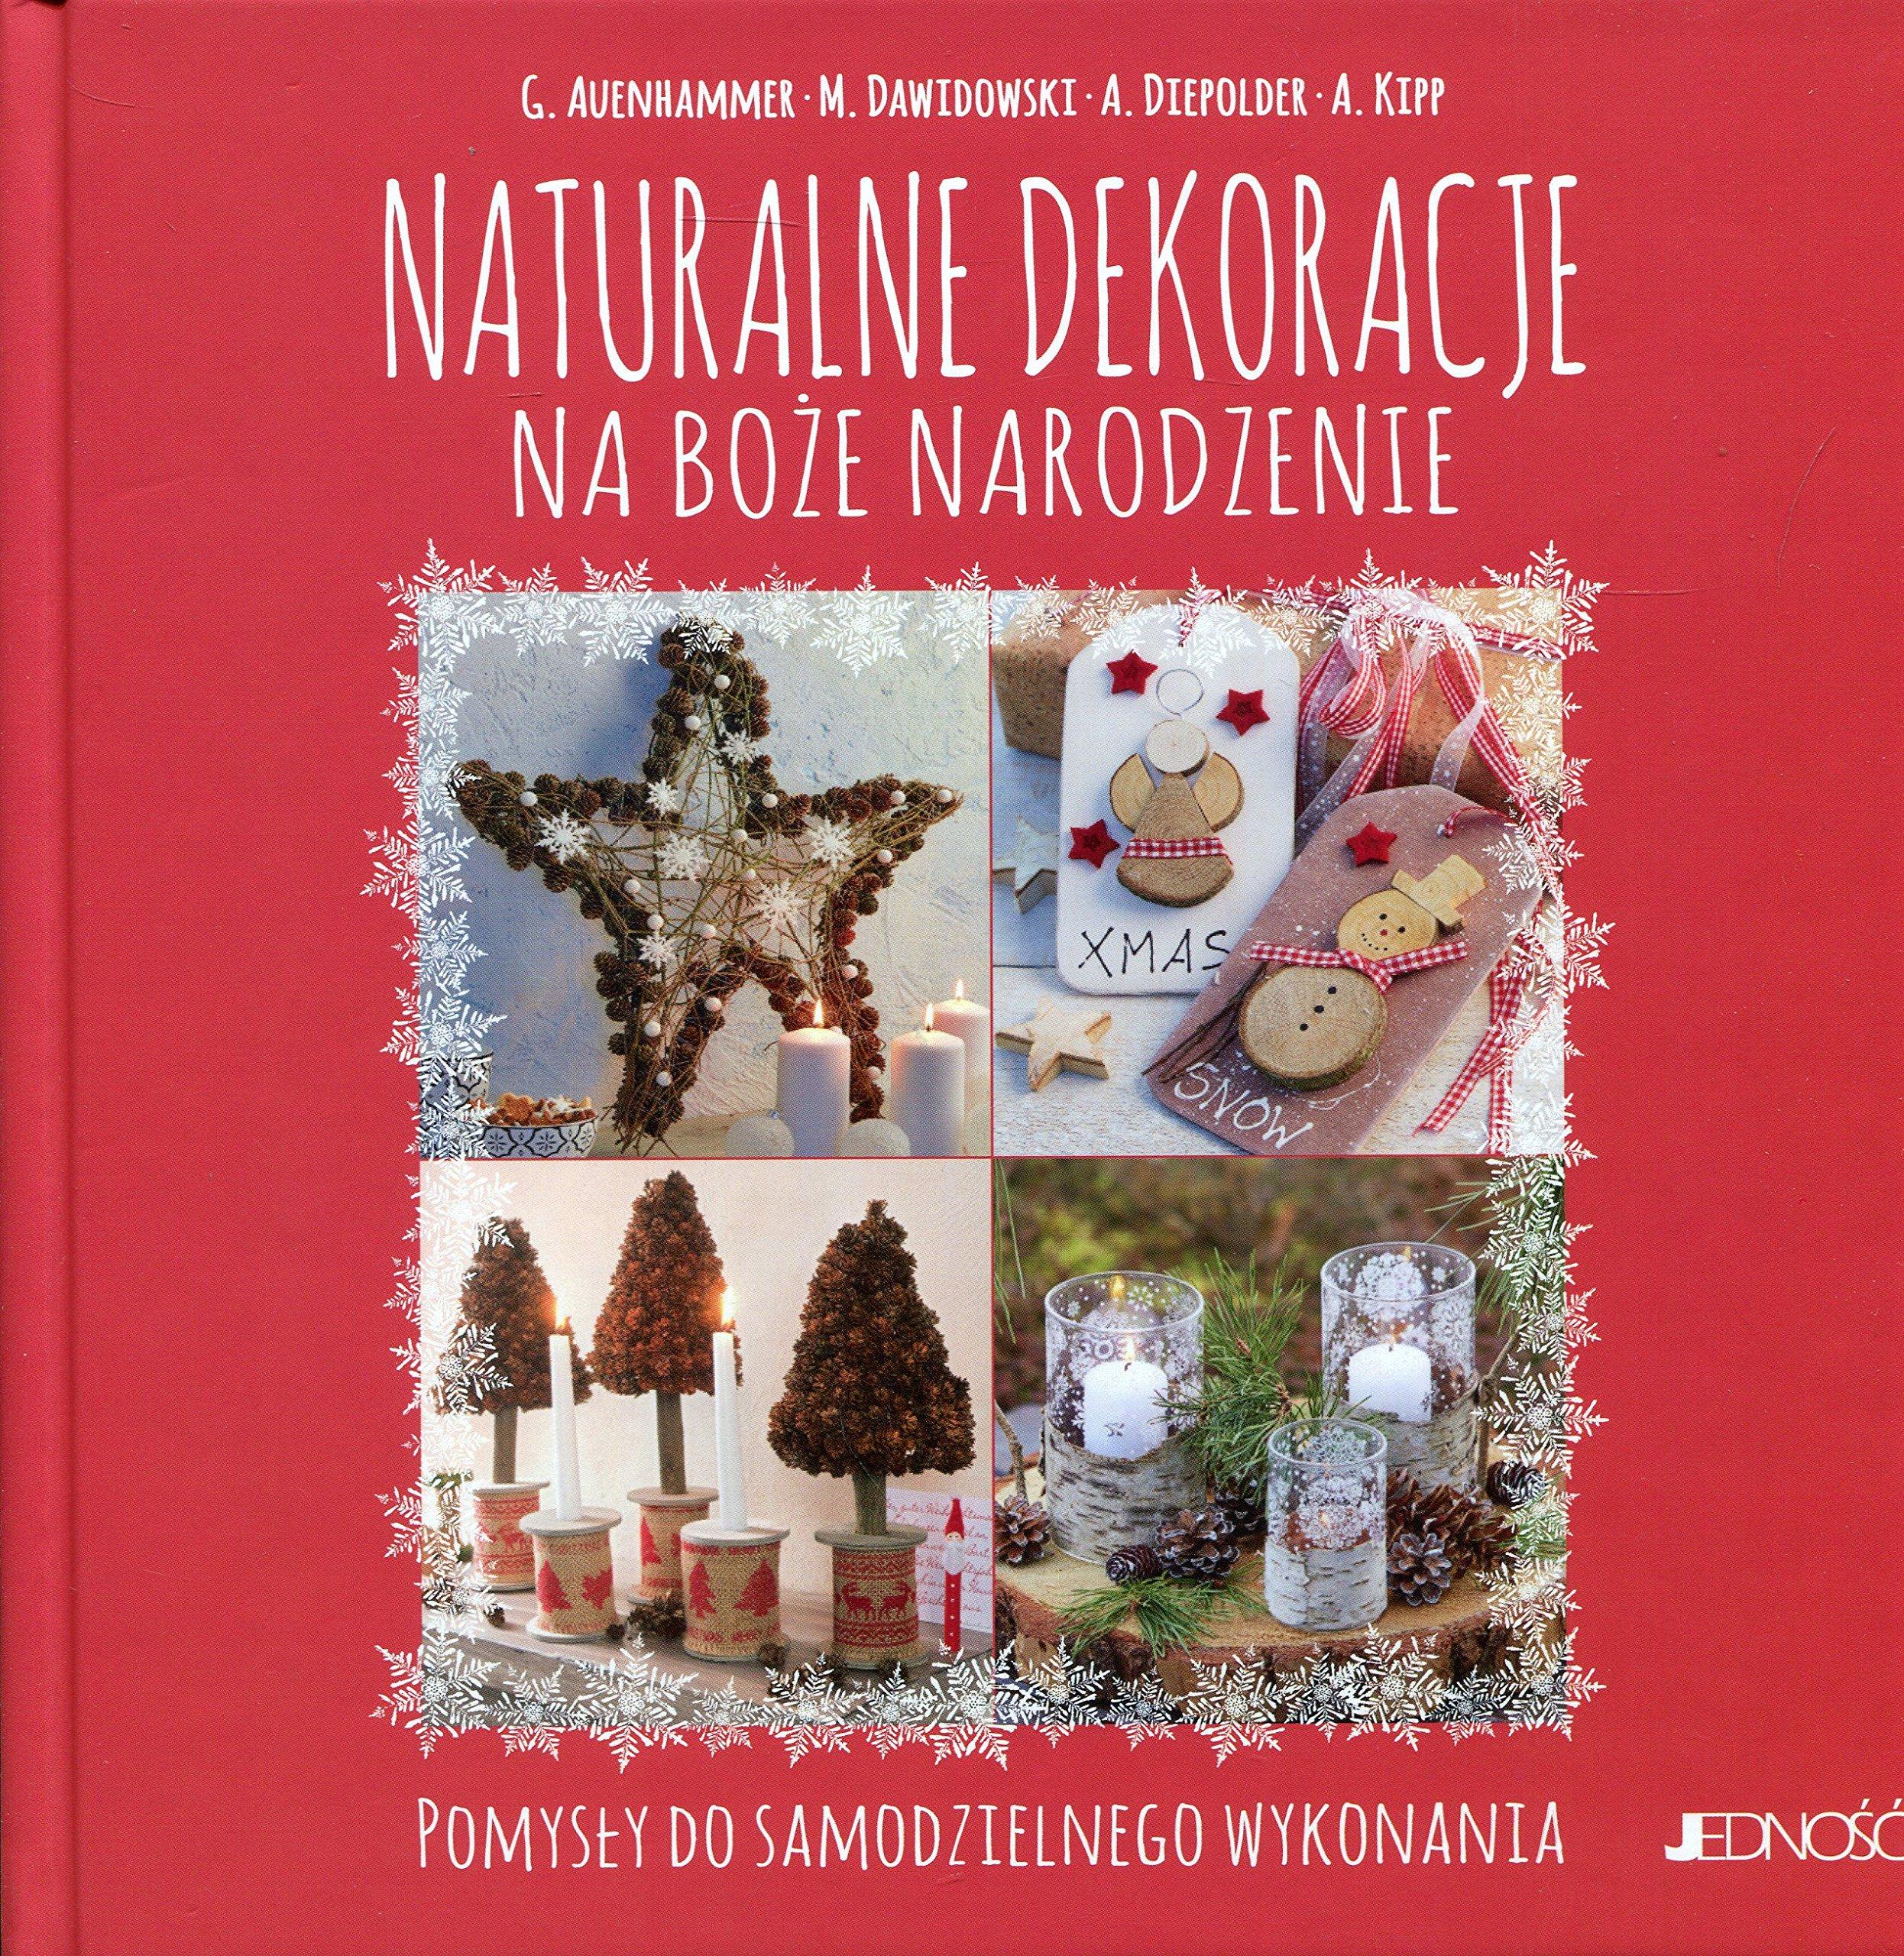 Naturalne Dekoracje Na Boze Narodzenie 9788379715107